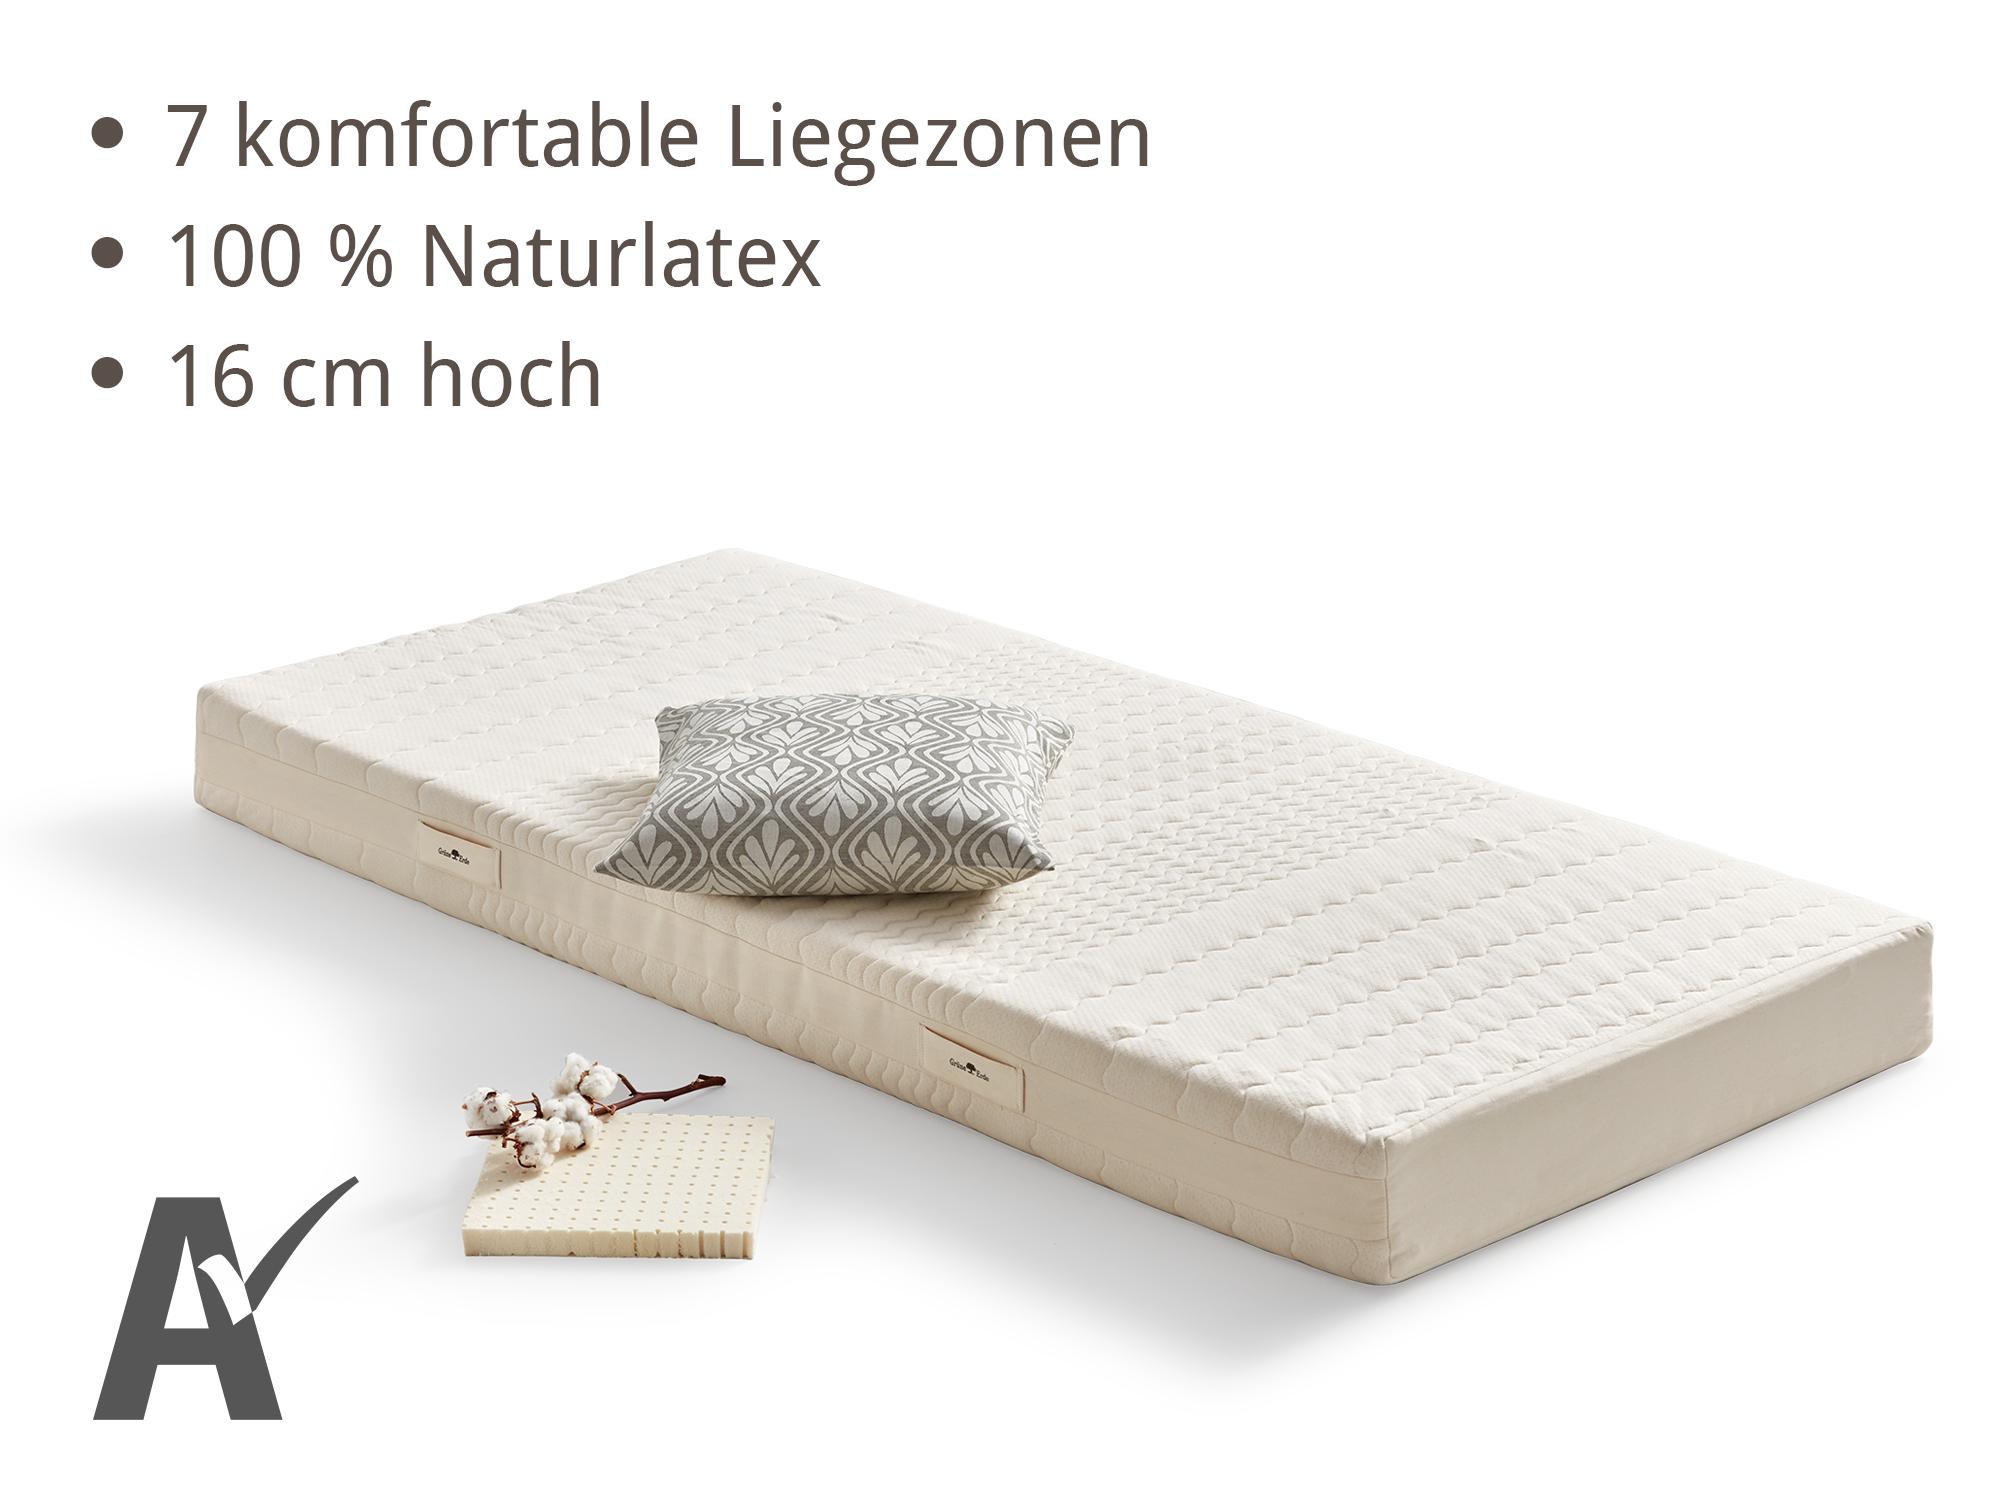 matratze rona s wolke anpassungsf hig punktelastisch gr ne erde. Black Bedroom Furniture Sets. Home Design Ideas